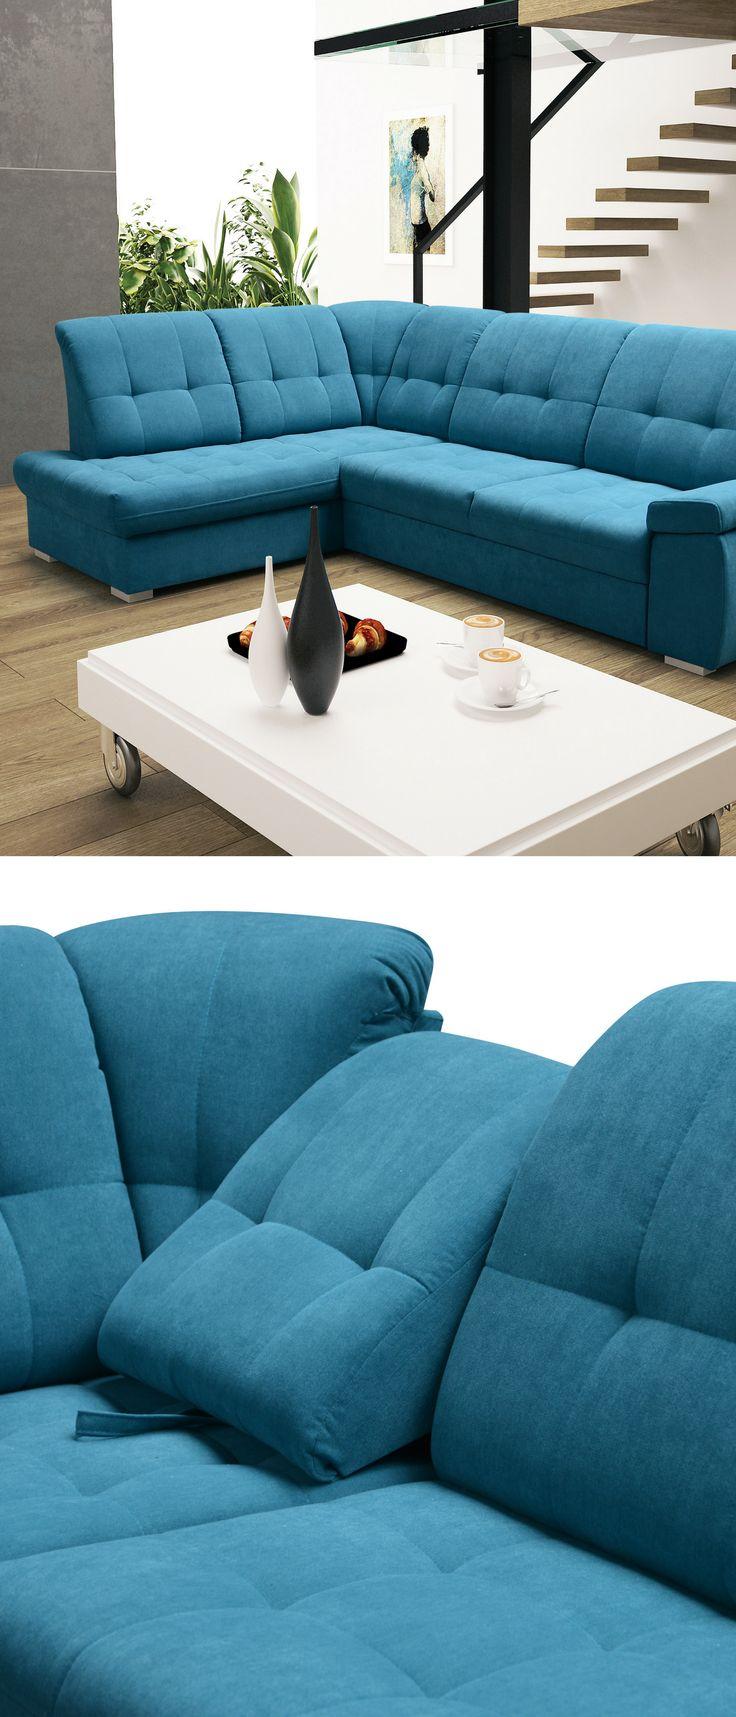 Corner sofa in blue colour? Why not! Check this out!  Narożnik w kolorze niebieskim? Dlaczego nie! Sprawdź to ;)  #mirjan24 #cornersofa #sweethome #smurfs #rest